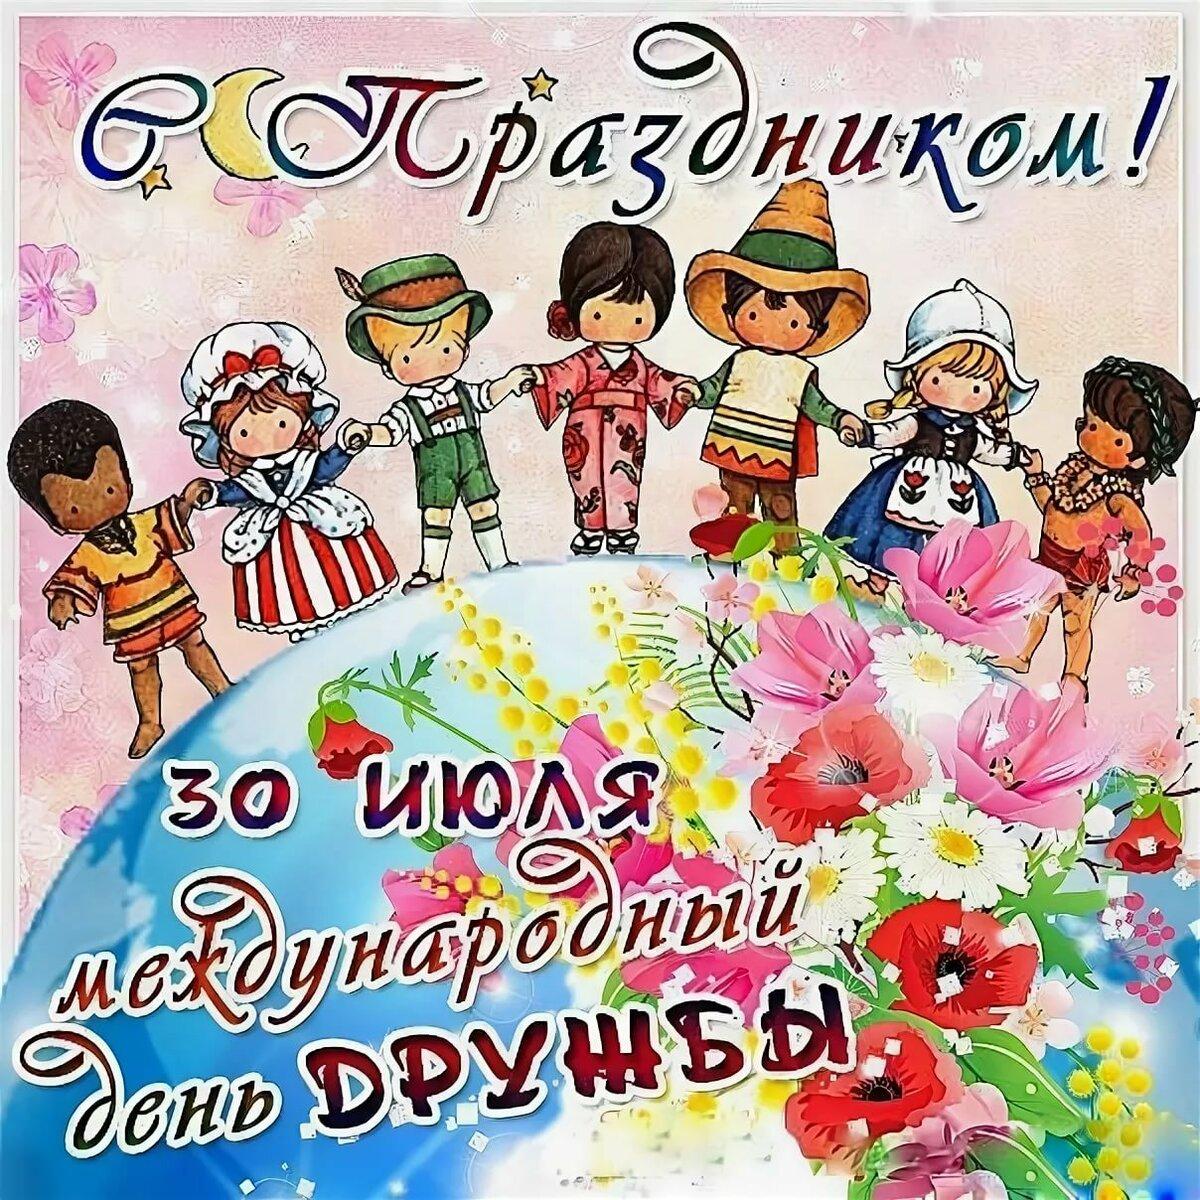 поздравительные открытки с днем дружбы 30 июля